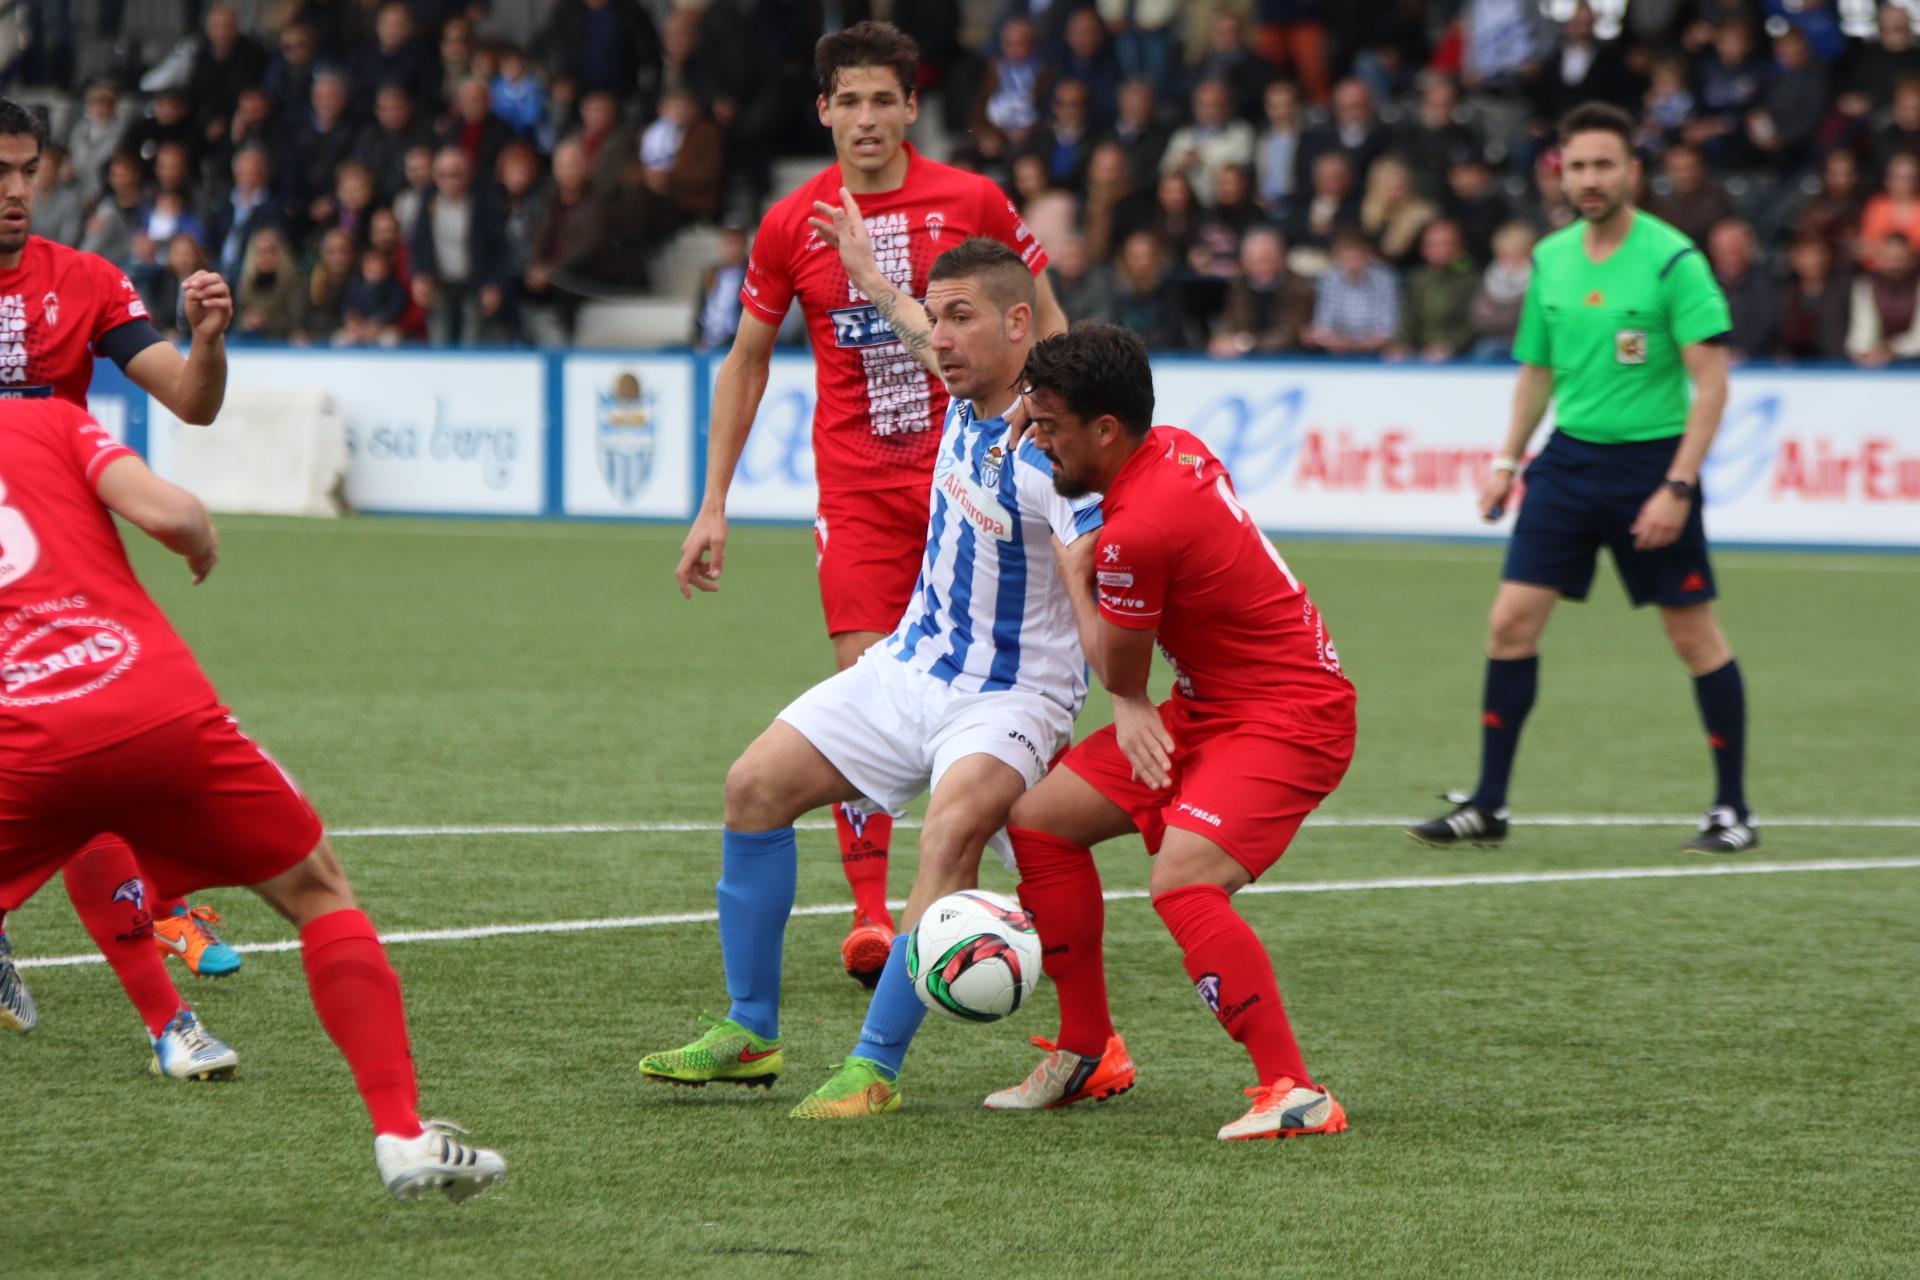 CD Alcoyano- CD Atlético Baleares: en el punto de mira